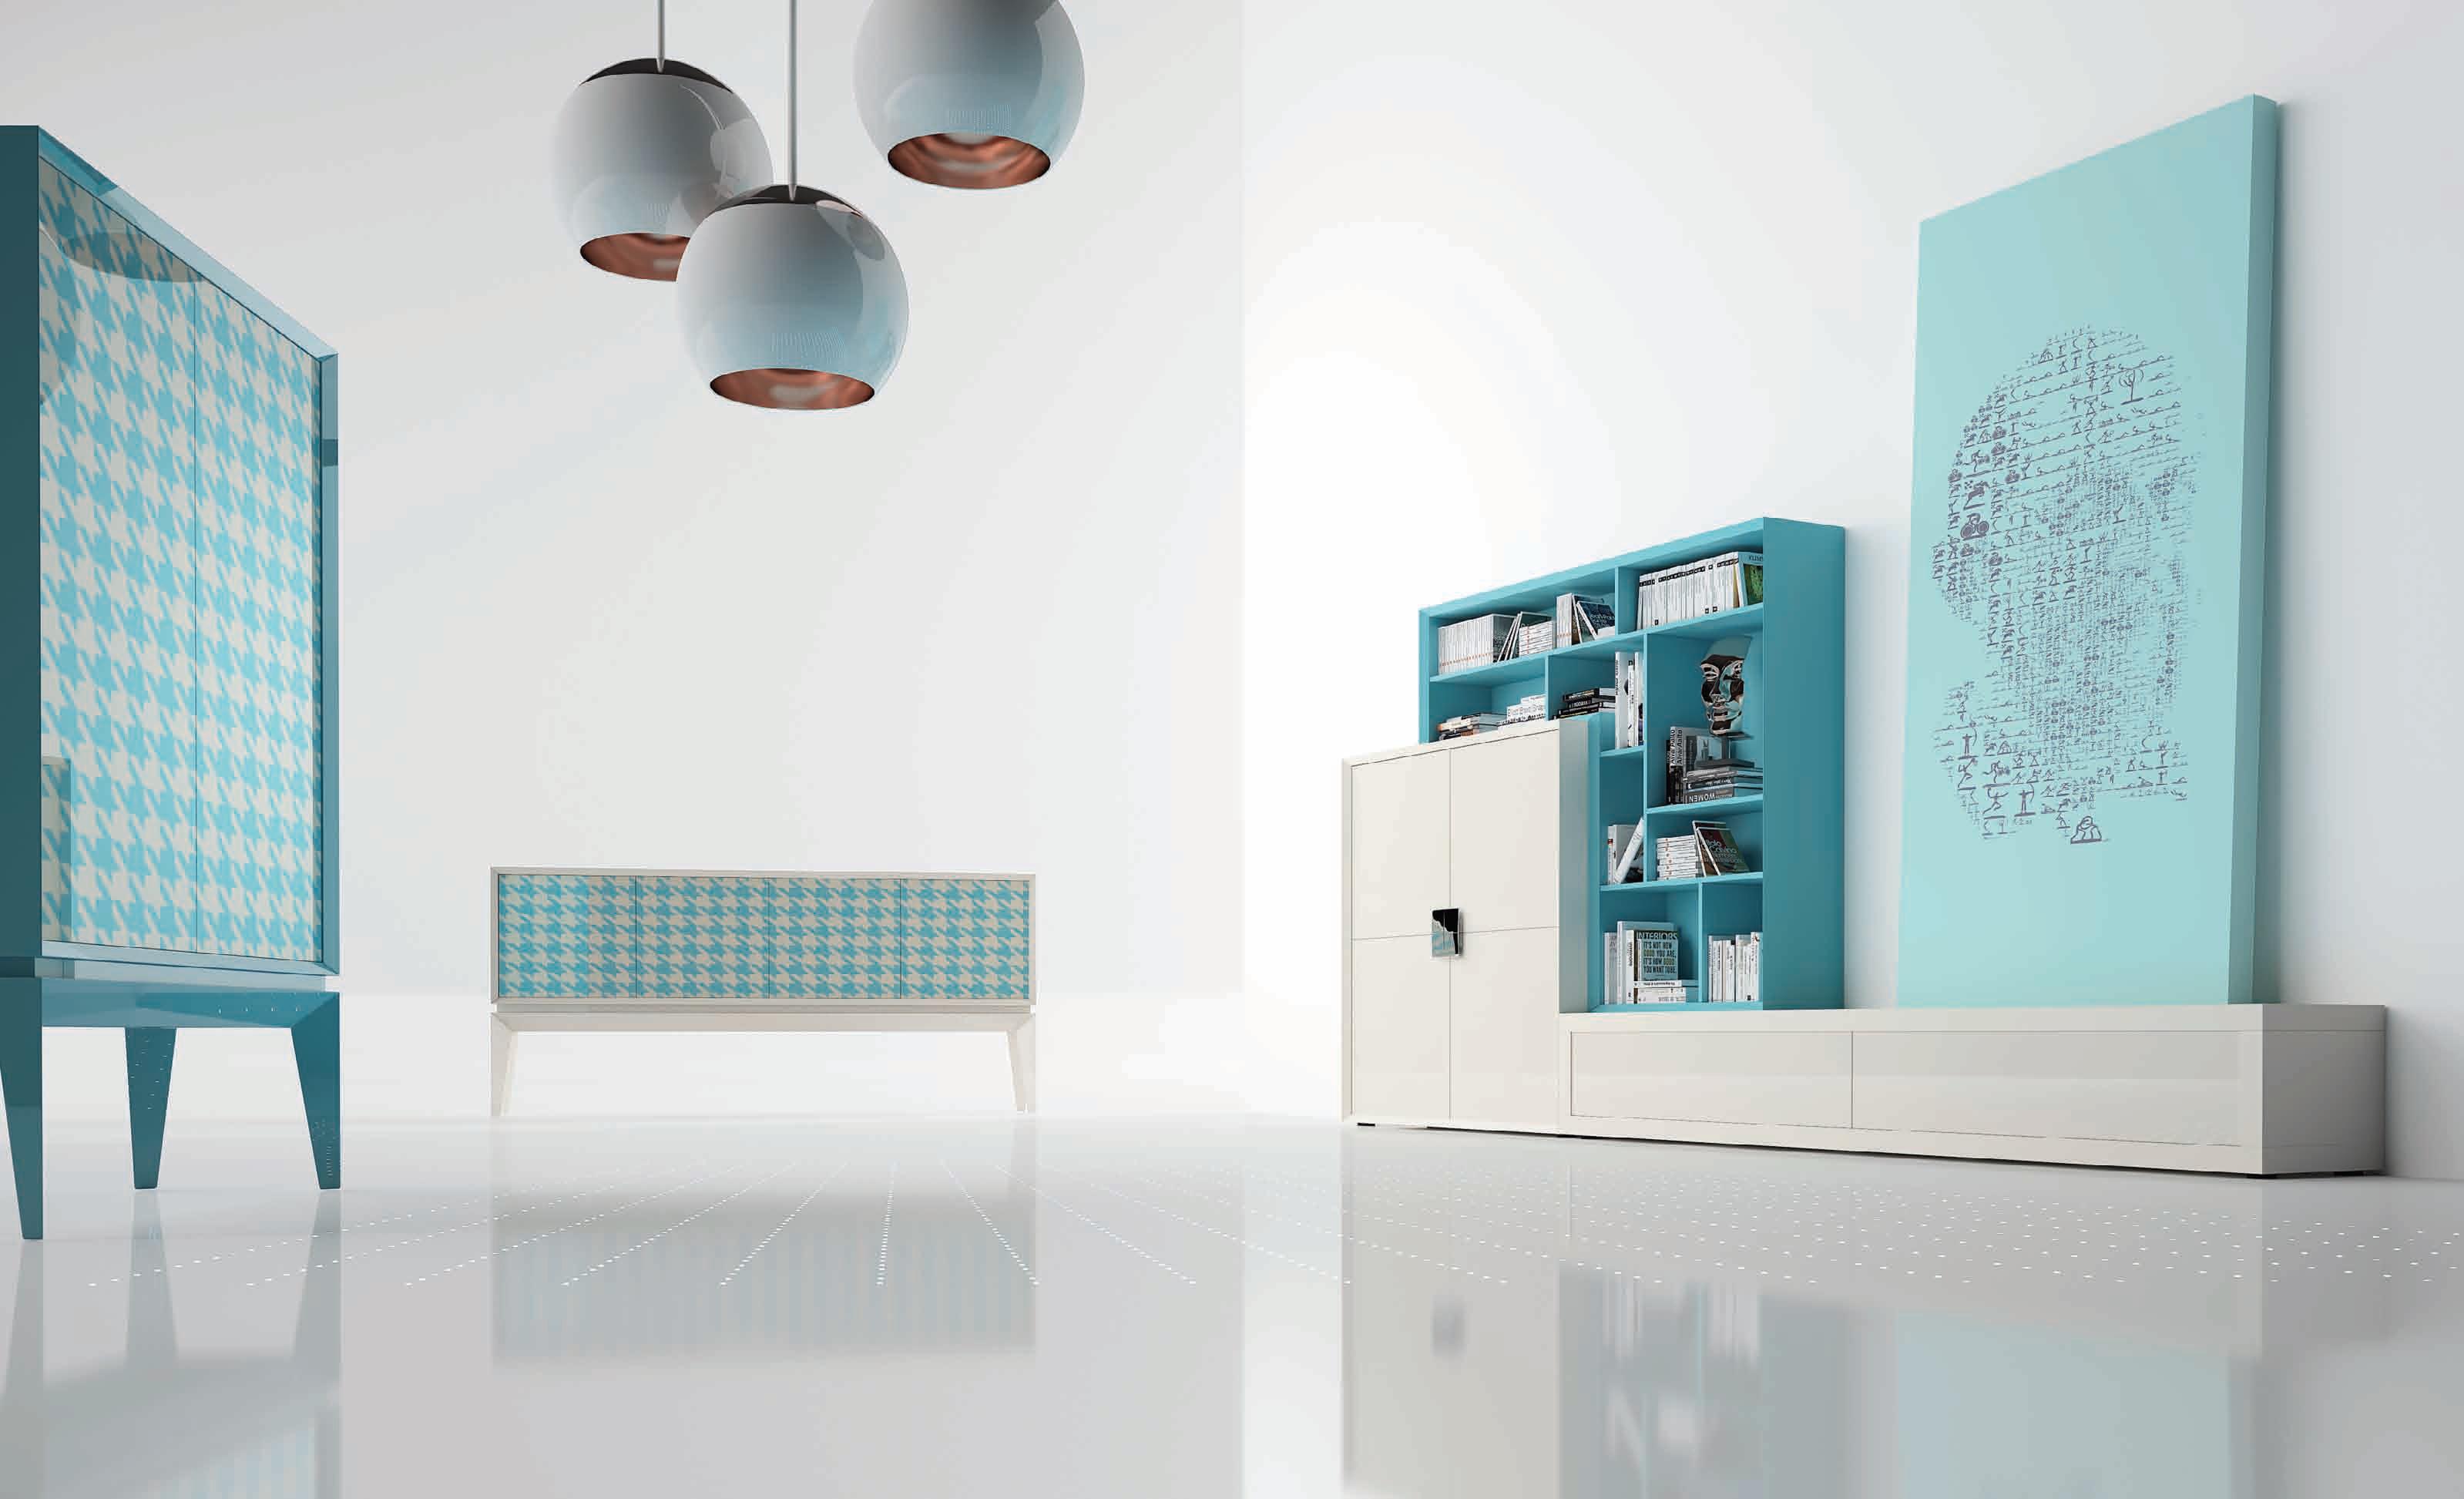 salon-contemporaneo-HAMSTER-BOOKCASE-muebles-paco-caballero-1335-5cb6fae1b3ad7